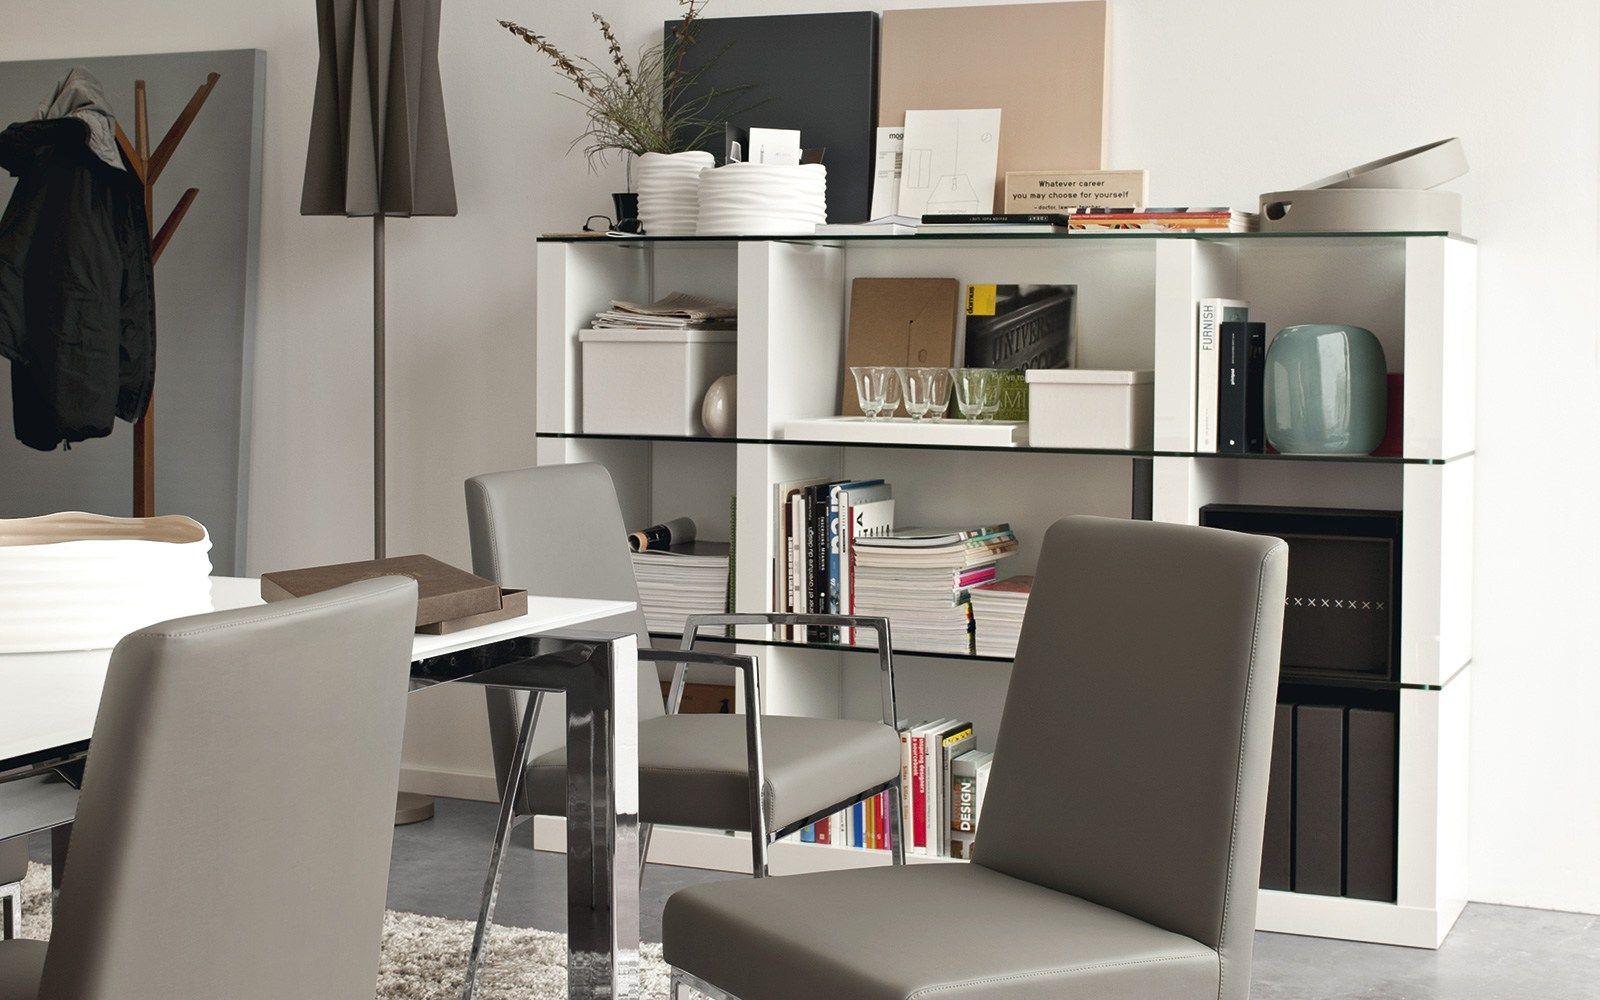 Lib modular bookcase by calligaris design stefano cavazzana for Calligaris lib